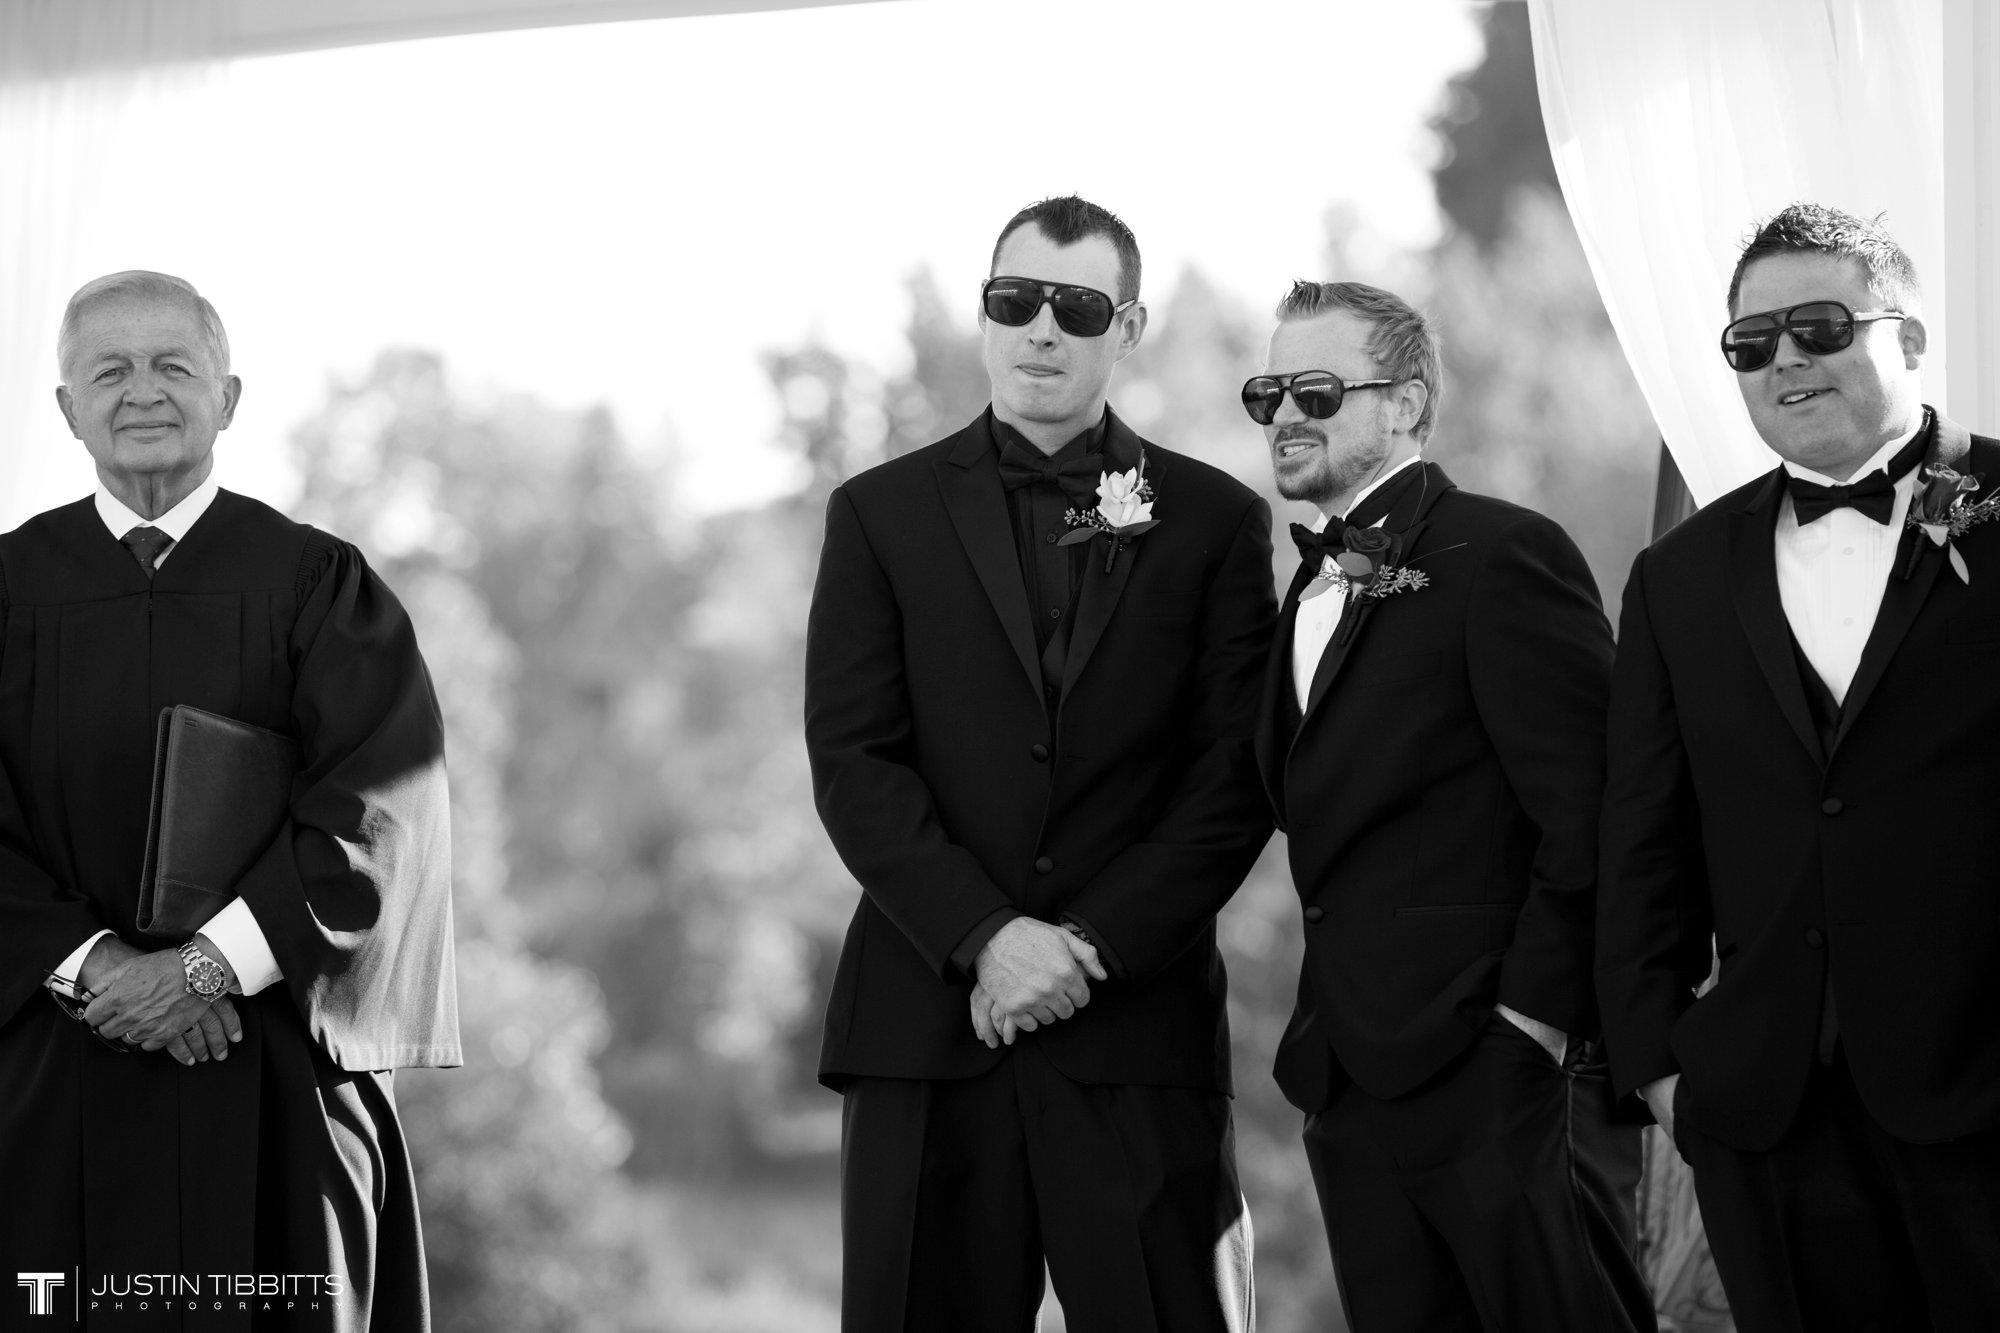 Albany NY Wedding Photographer Justin Tibbitts Photography 2014 Best of Albany NY Weddings-16824342419